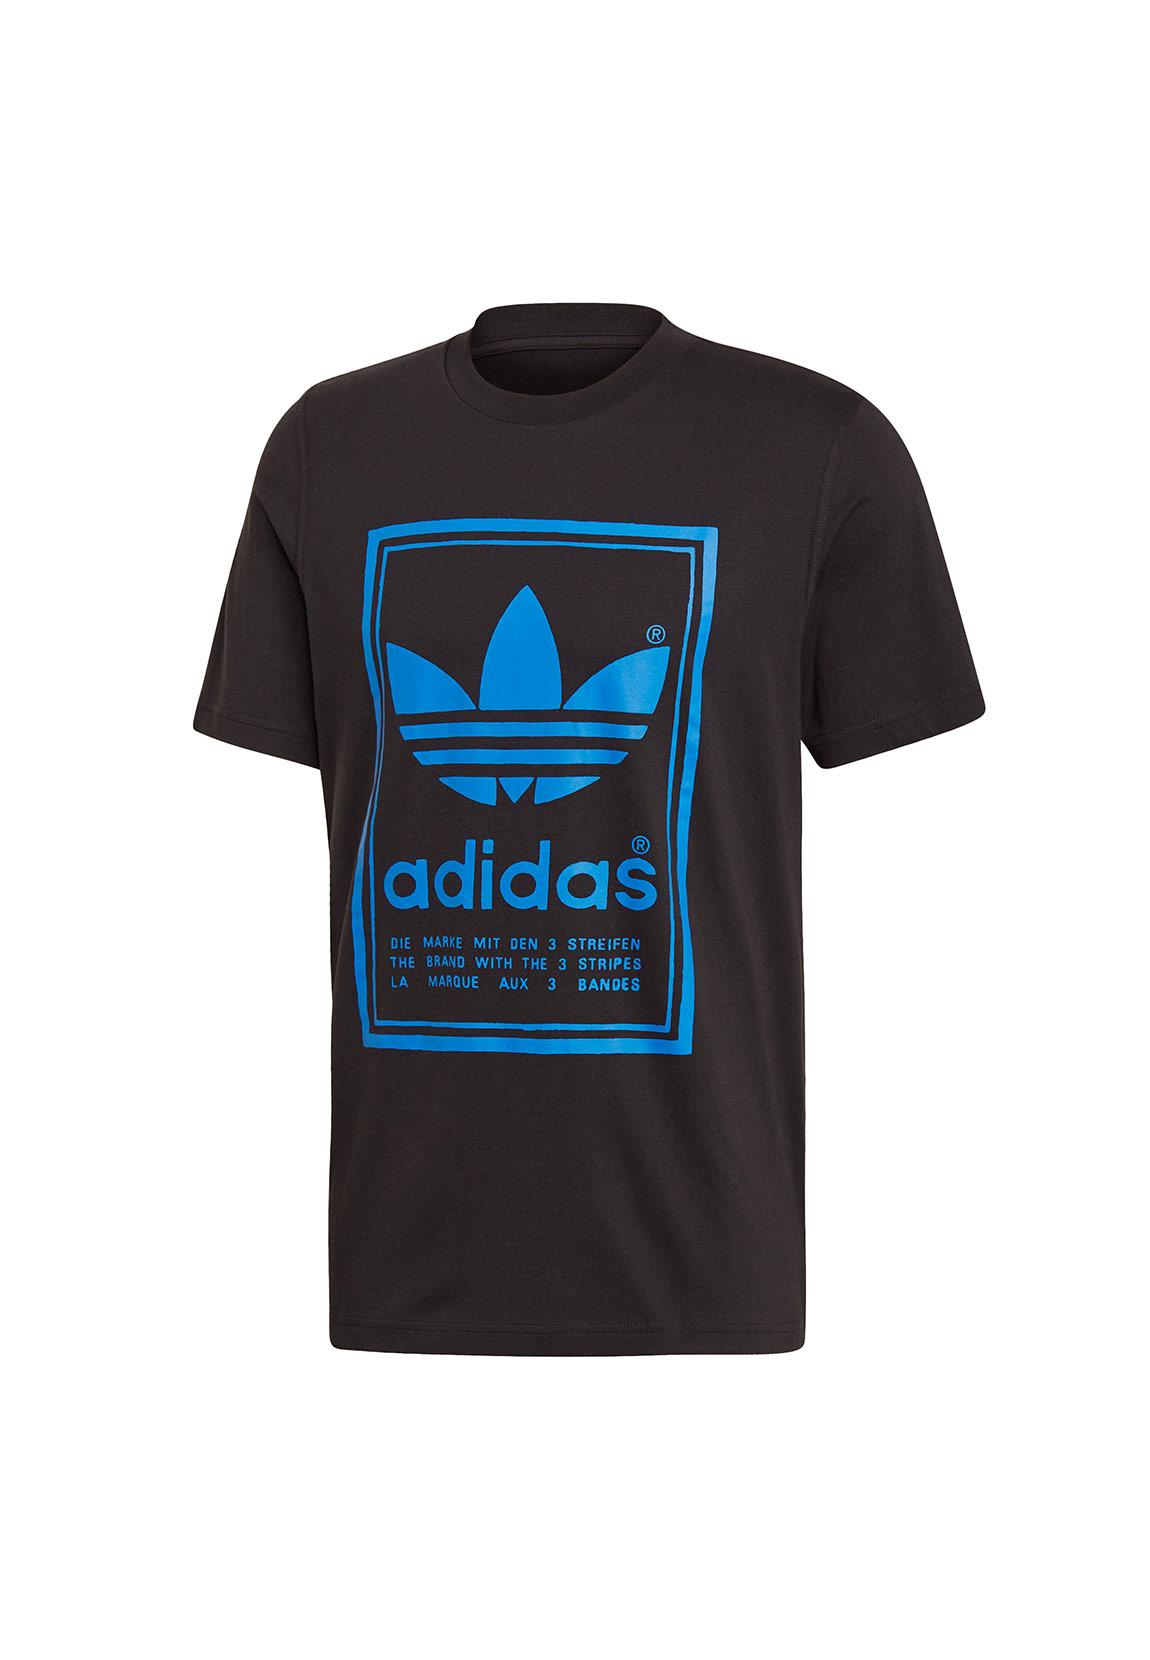 Adidas Deutschland Trikot Retro gebraucht kaufen! Nur 3 St